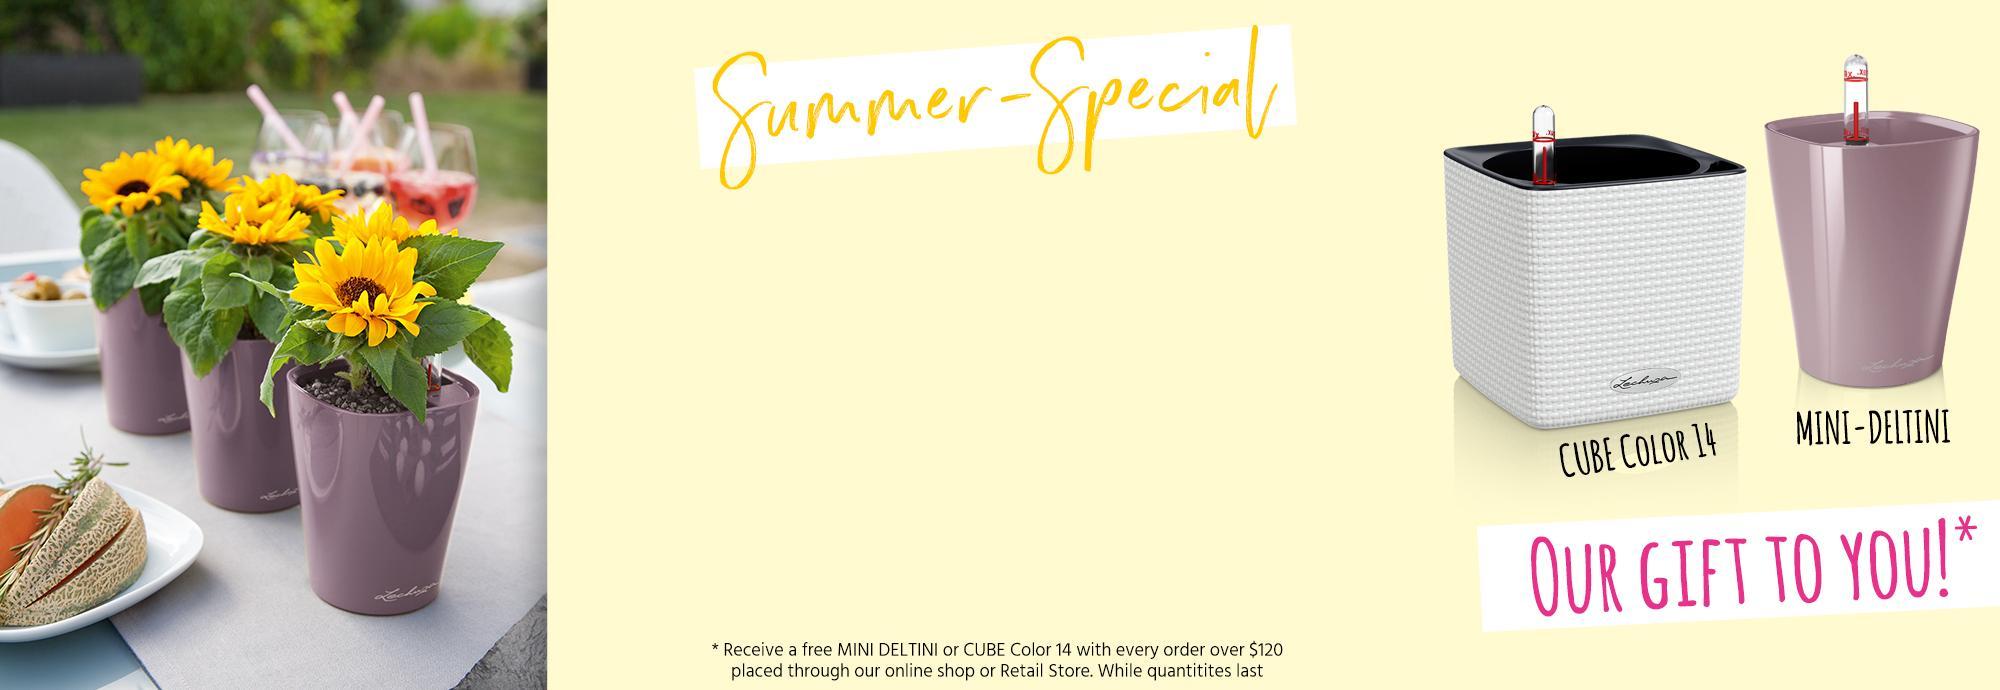 hero_banner_promo-summer-special_ca_en